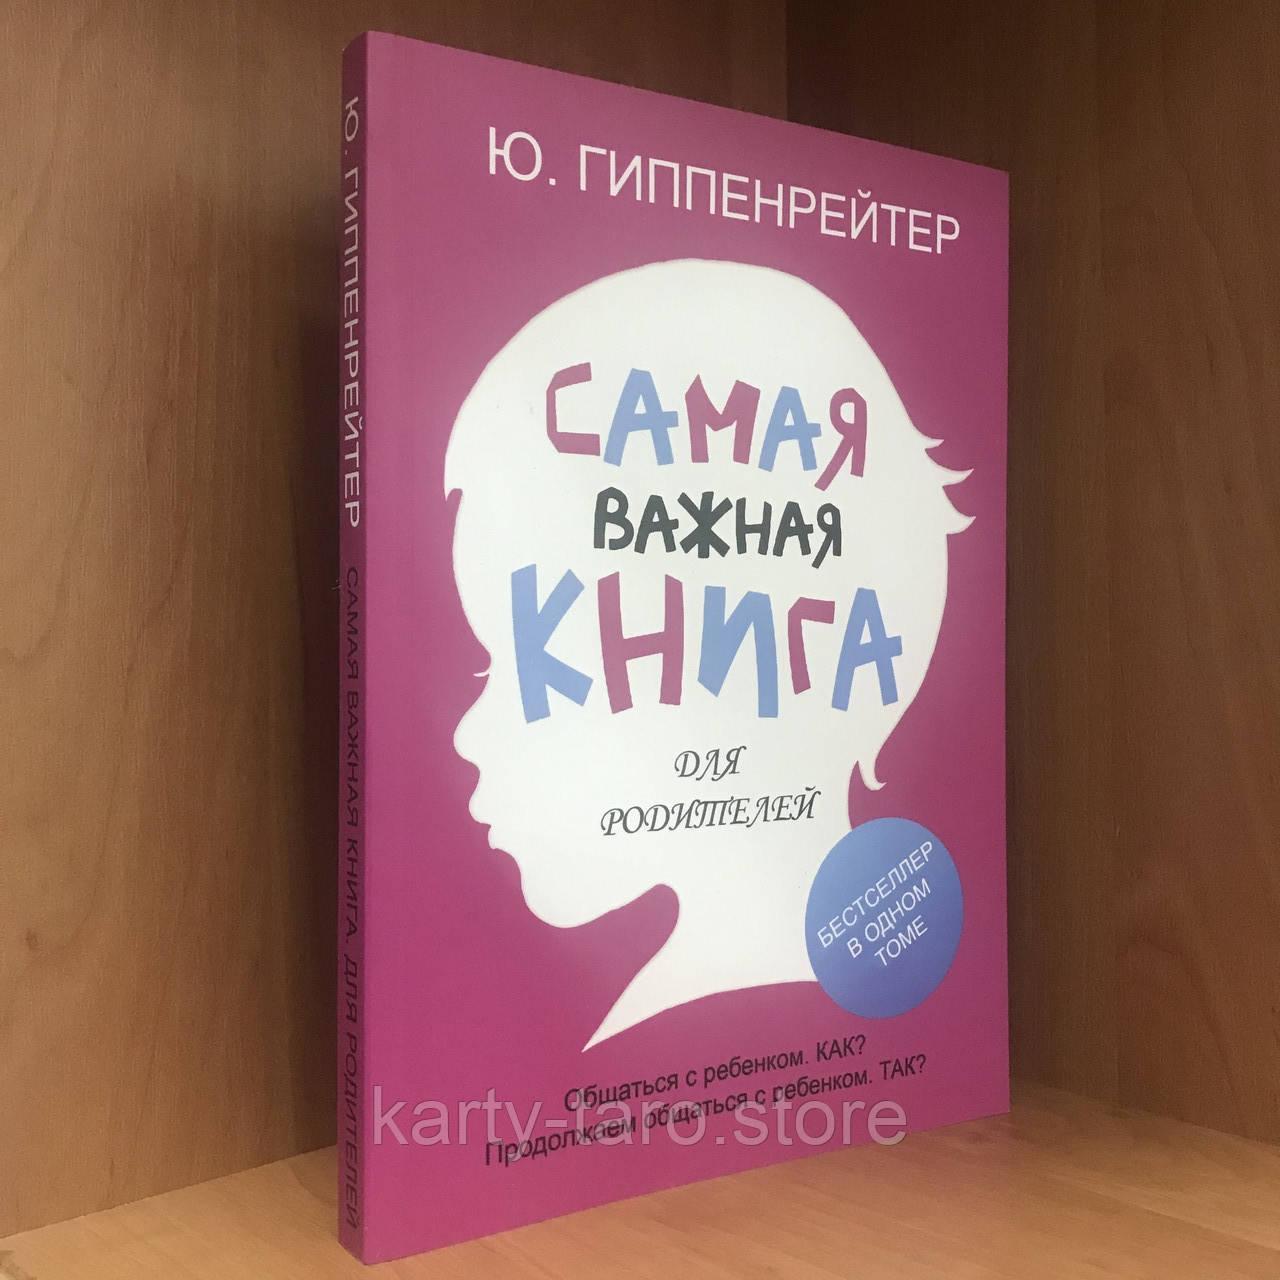 Книга найважливіша книга для батьків - Юлія Гіппенрейтер (2 Бестселера)